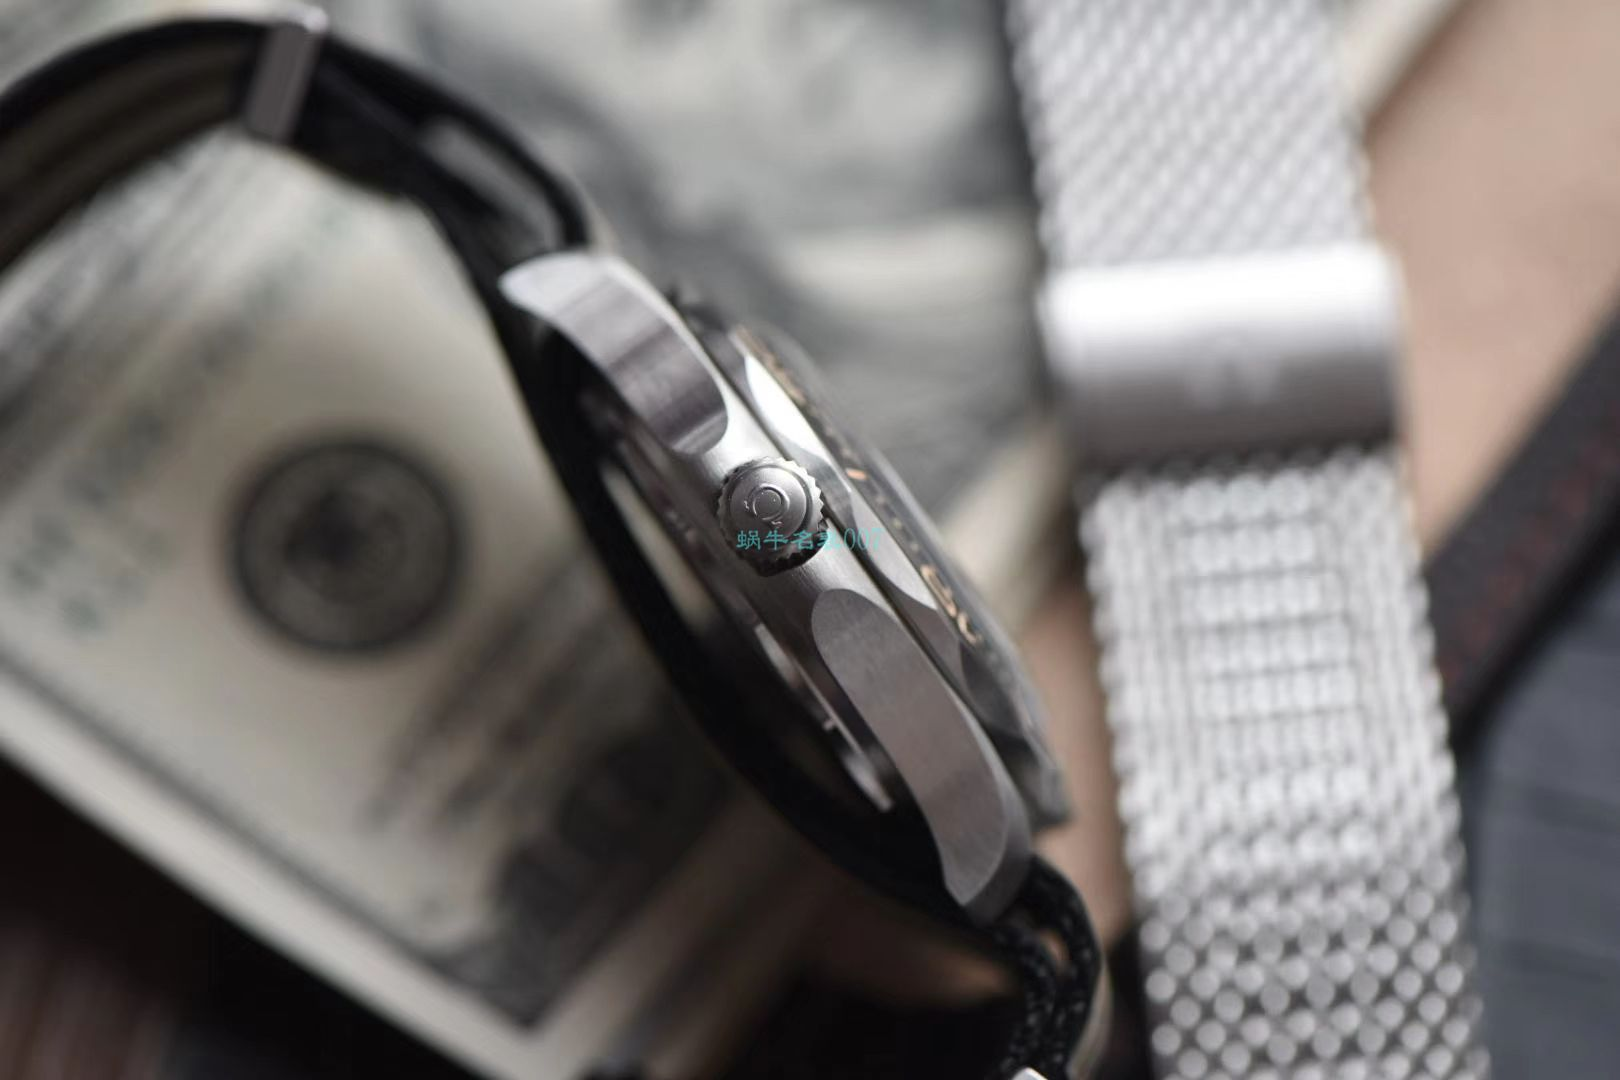 【视频评测VS厂欧米茄詹姆斯邦德007无暇赴死】海马300米210.92.42.20.01.001腕表 / VS680